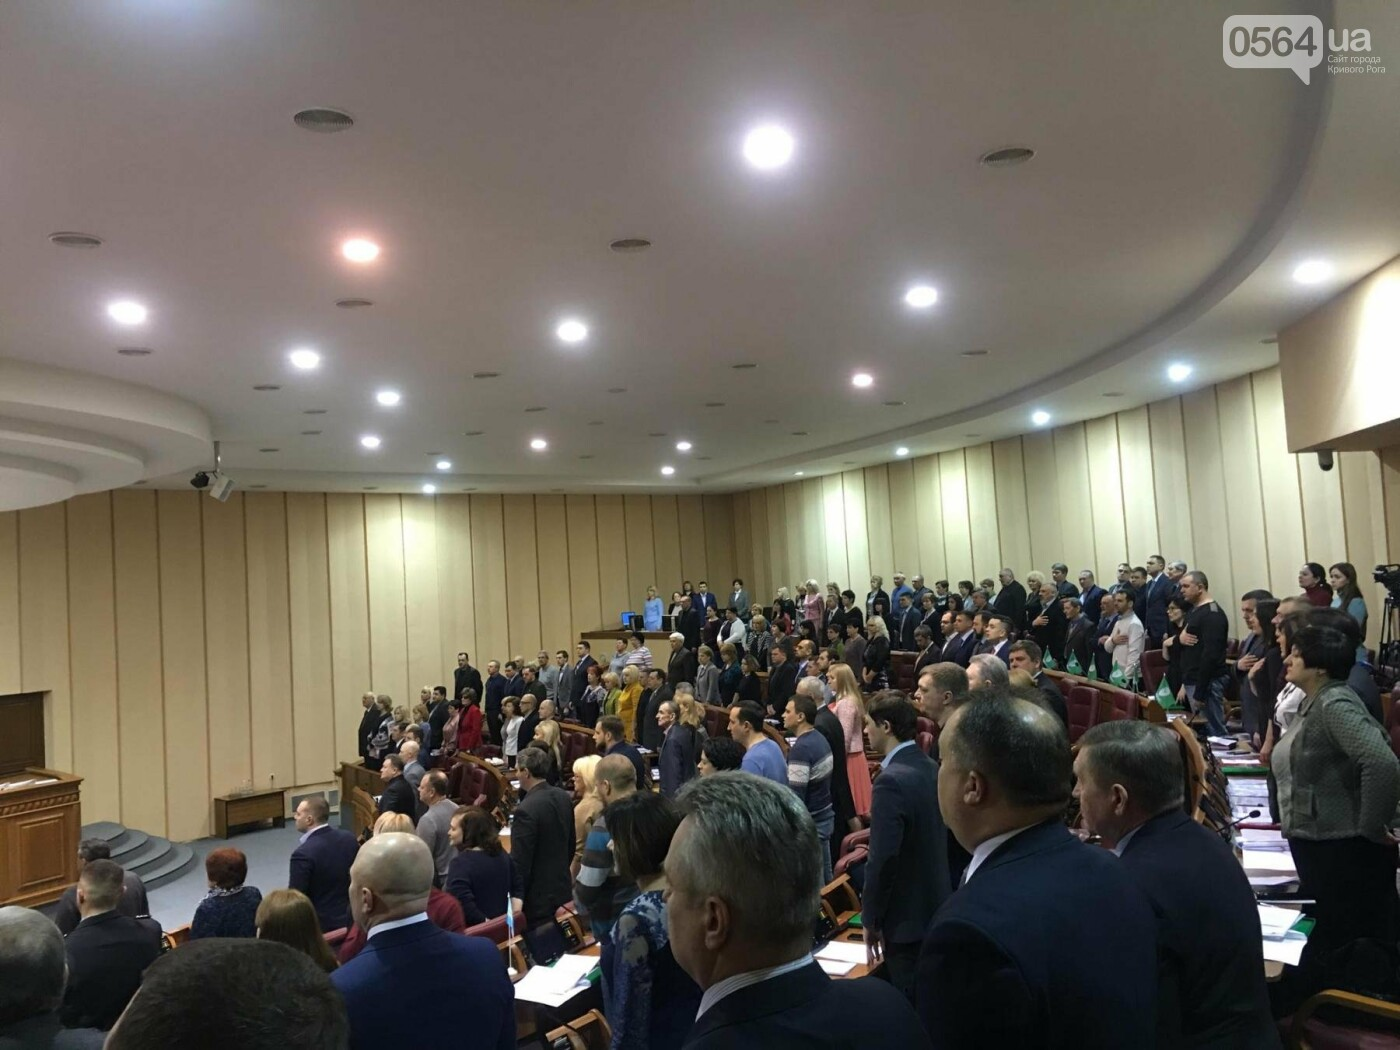 Сессия Криворожского горсовета началась с минуты молчания (ФОТО), фото-3